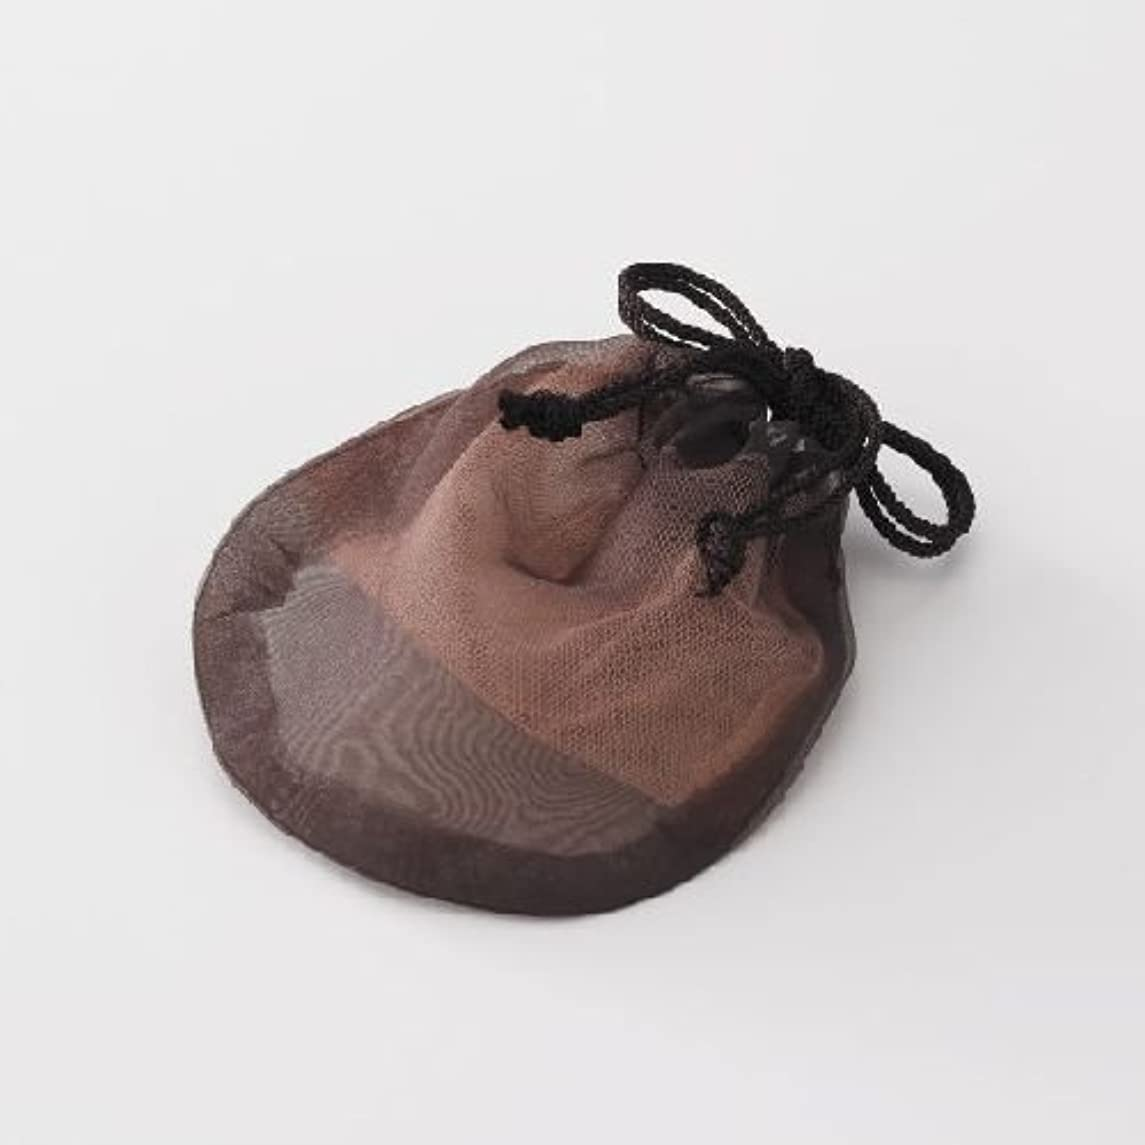 ソート骨髄滑り台ピギーバックス ソープネット 瞬時にマシュマロのようなお肌に負担をかけないキメ細かな泡をつくることができるオシャレなポーチ型オリジナル【泡だてネット】!衛生的に固形石鹸の保存もできます。